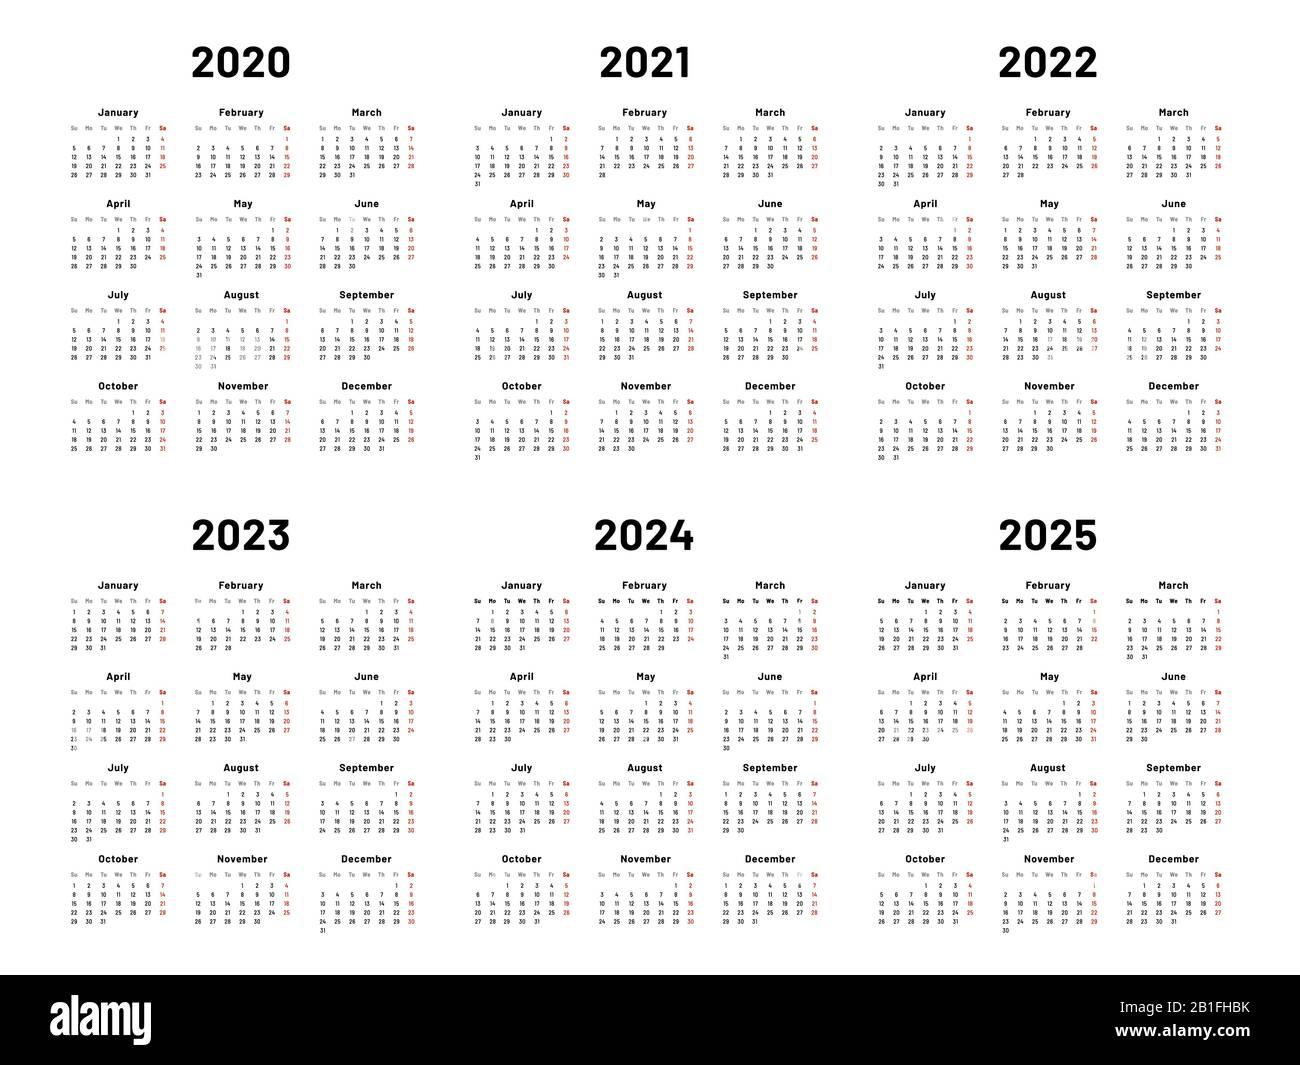 Calendrier Annuel 2022 2023 Grille du calendrier. calendriers annuels 2020 2021 et 2022. 2023